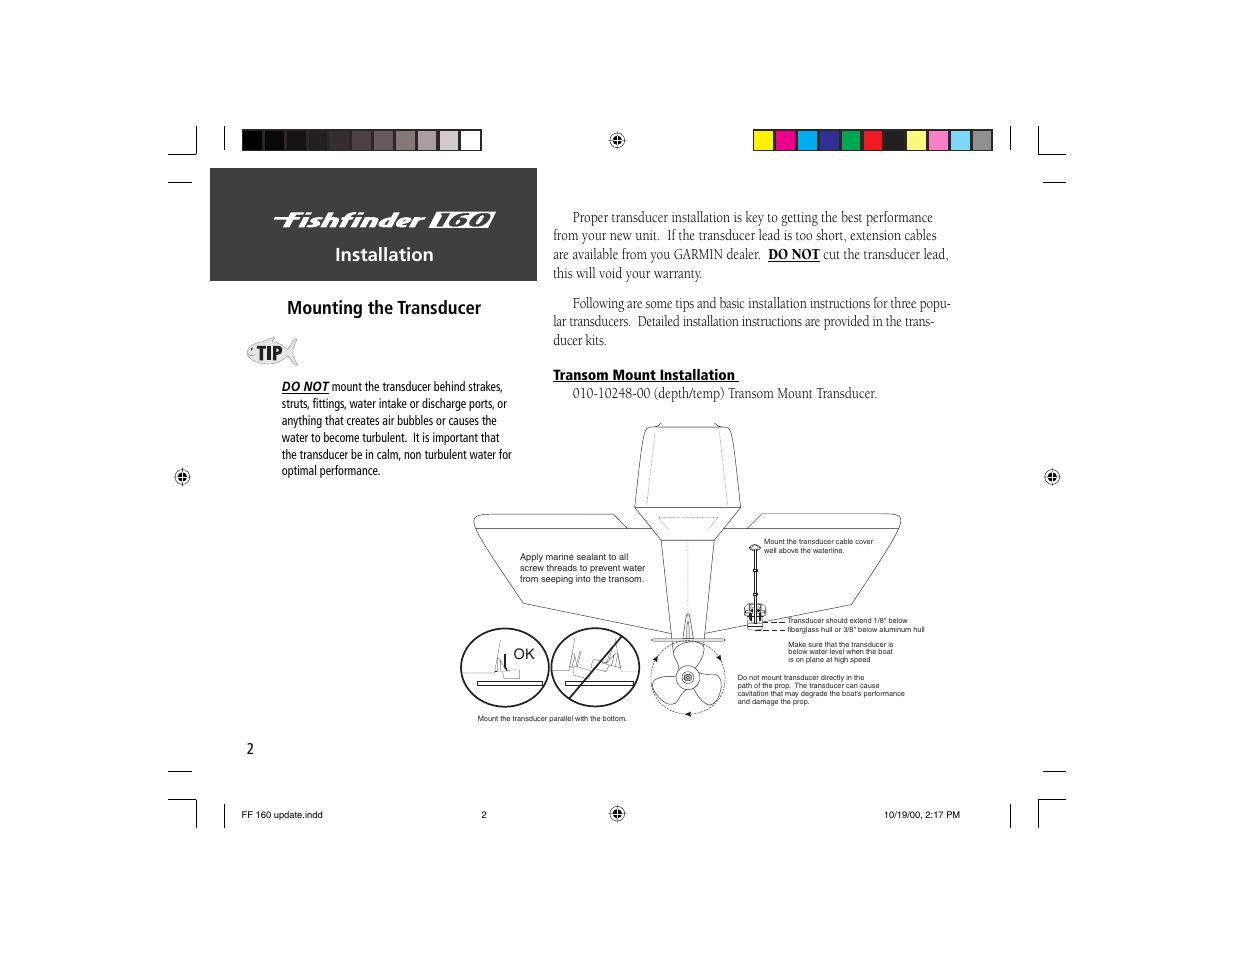 www.manualsdir.com/manuals/108273/10/garmin-160-pa... Garmin Fishfinder Wiring Harness on